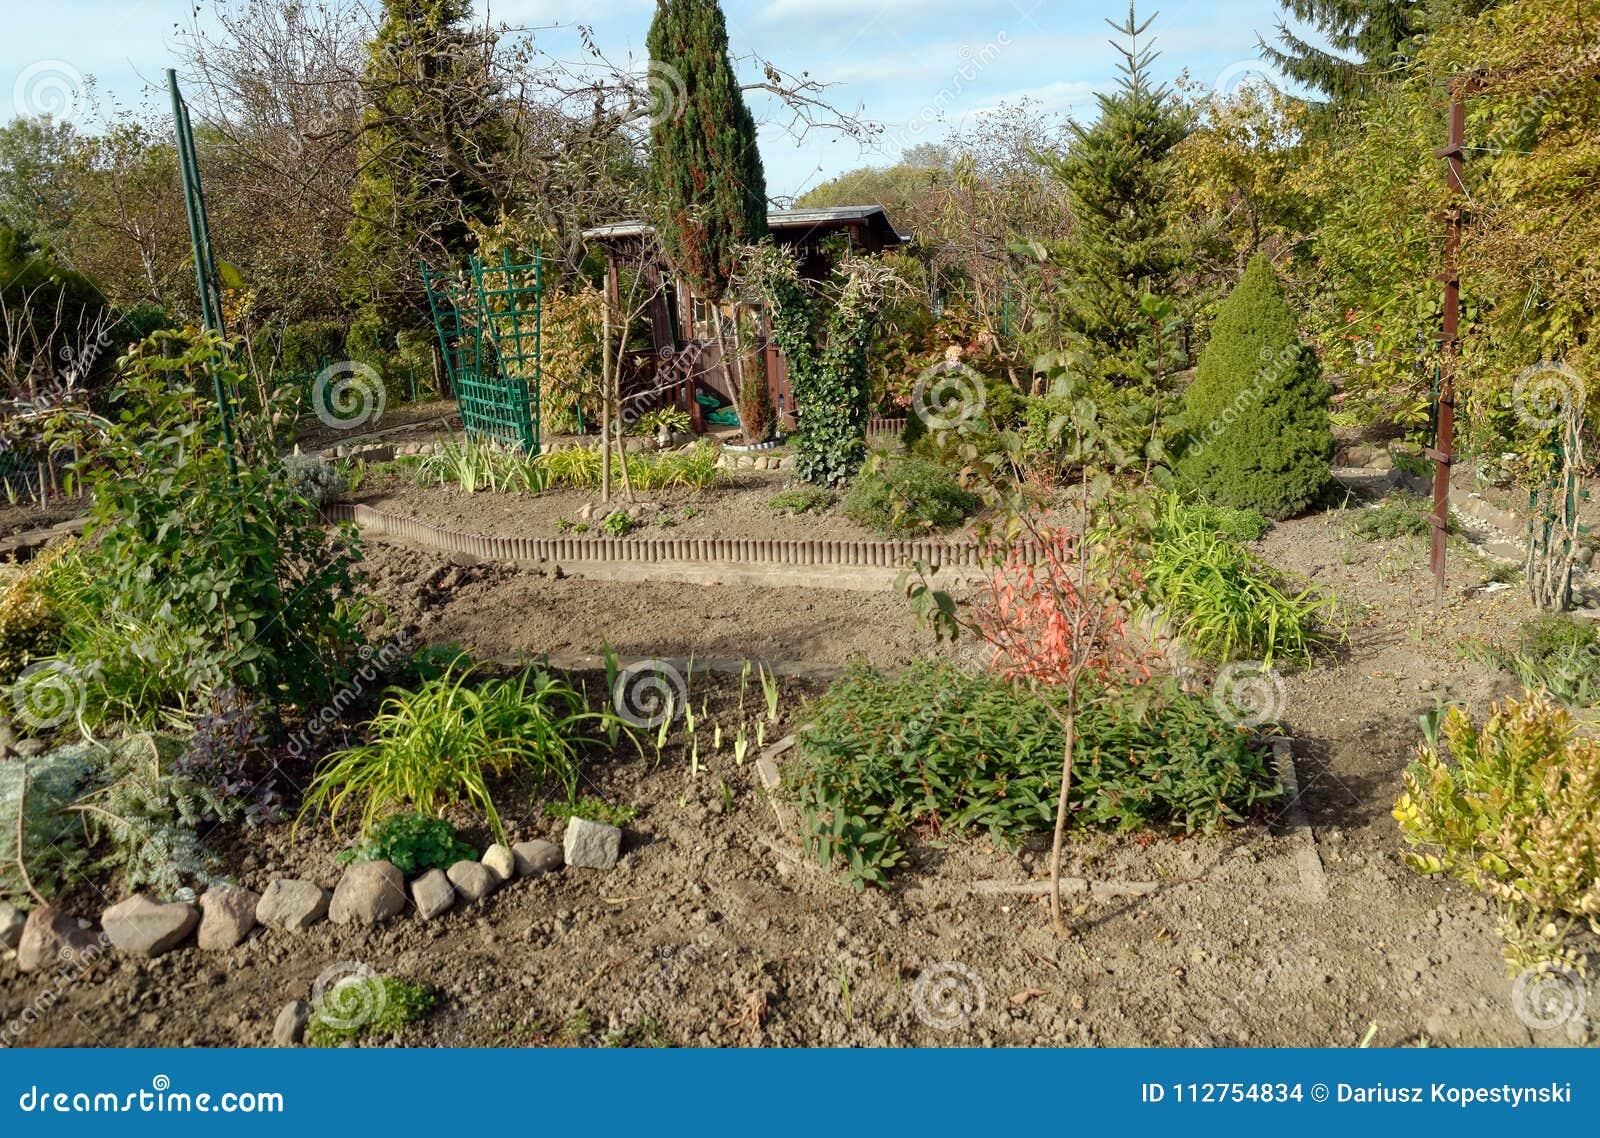 Small garden stock photo. Image of nature, gardening - 112754834